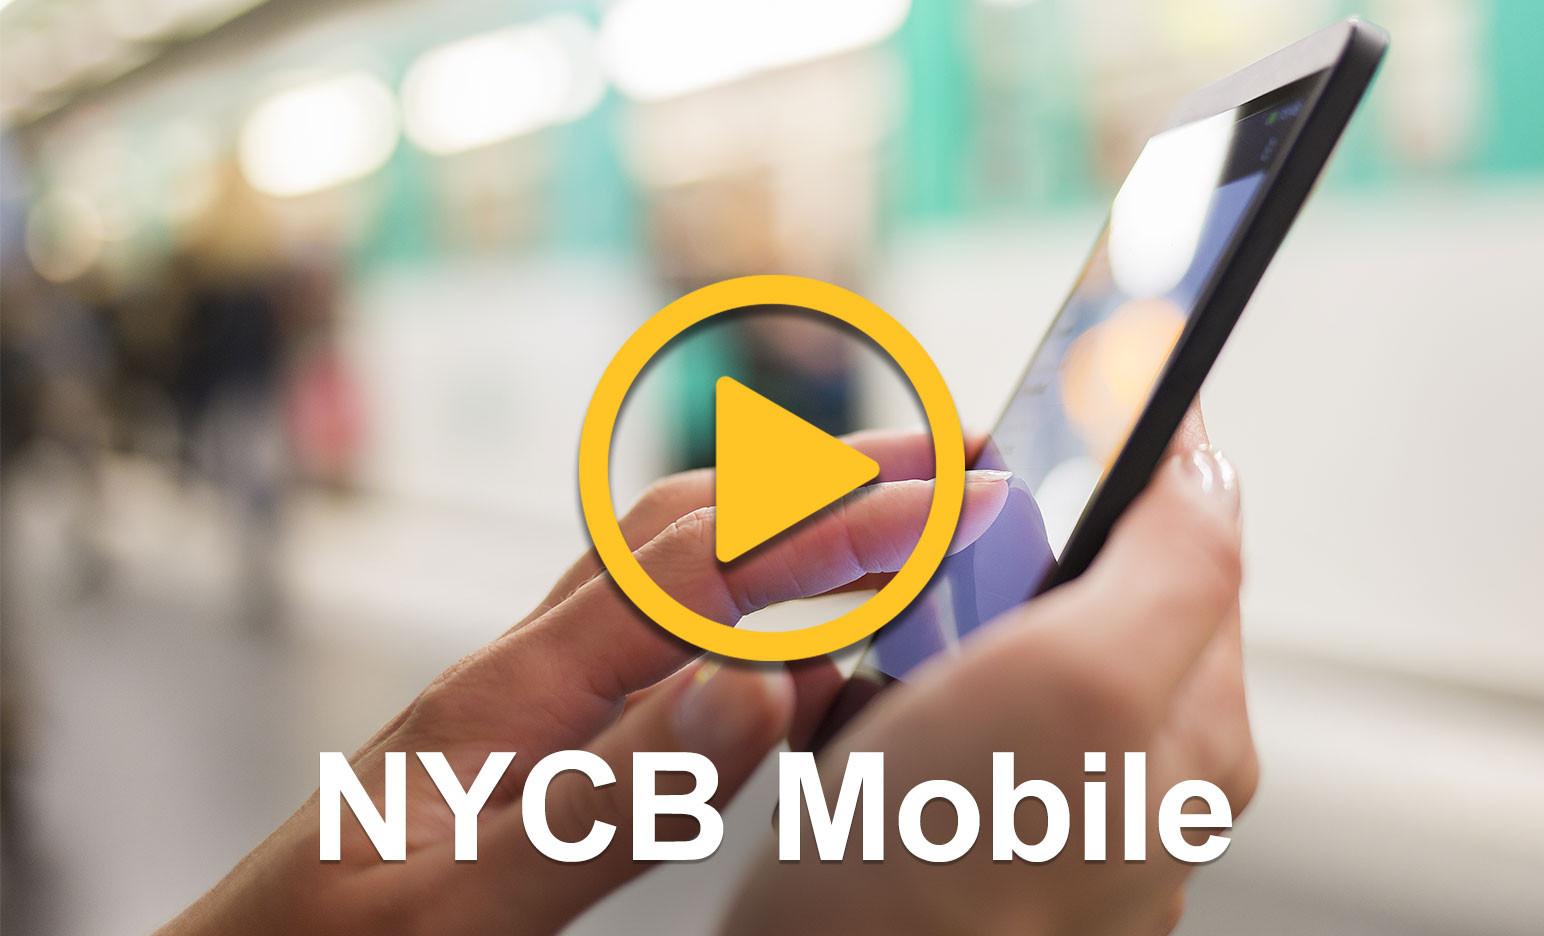 NYCB Mobile Video Demo